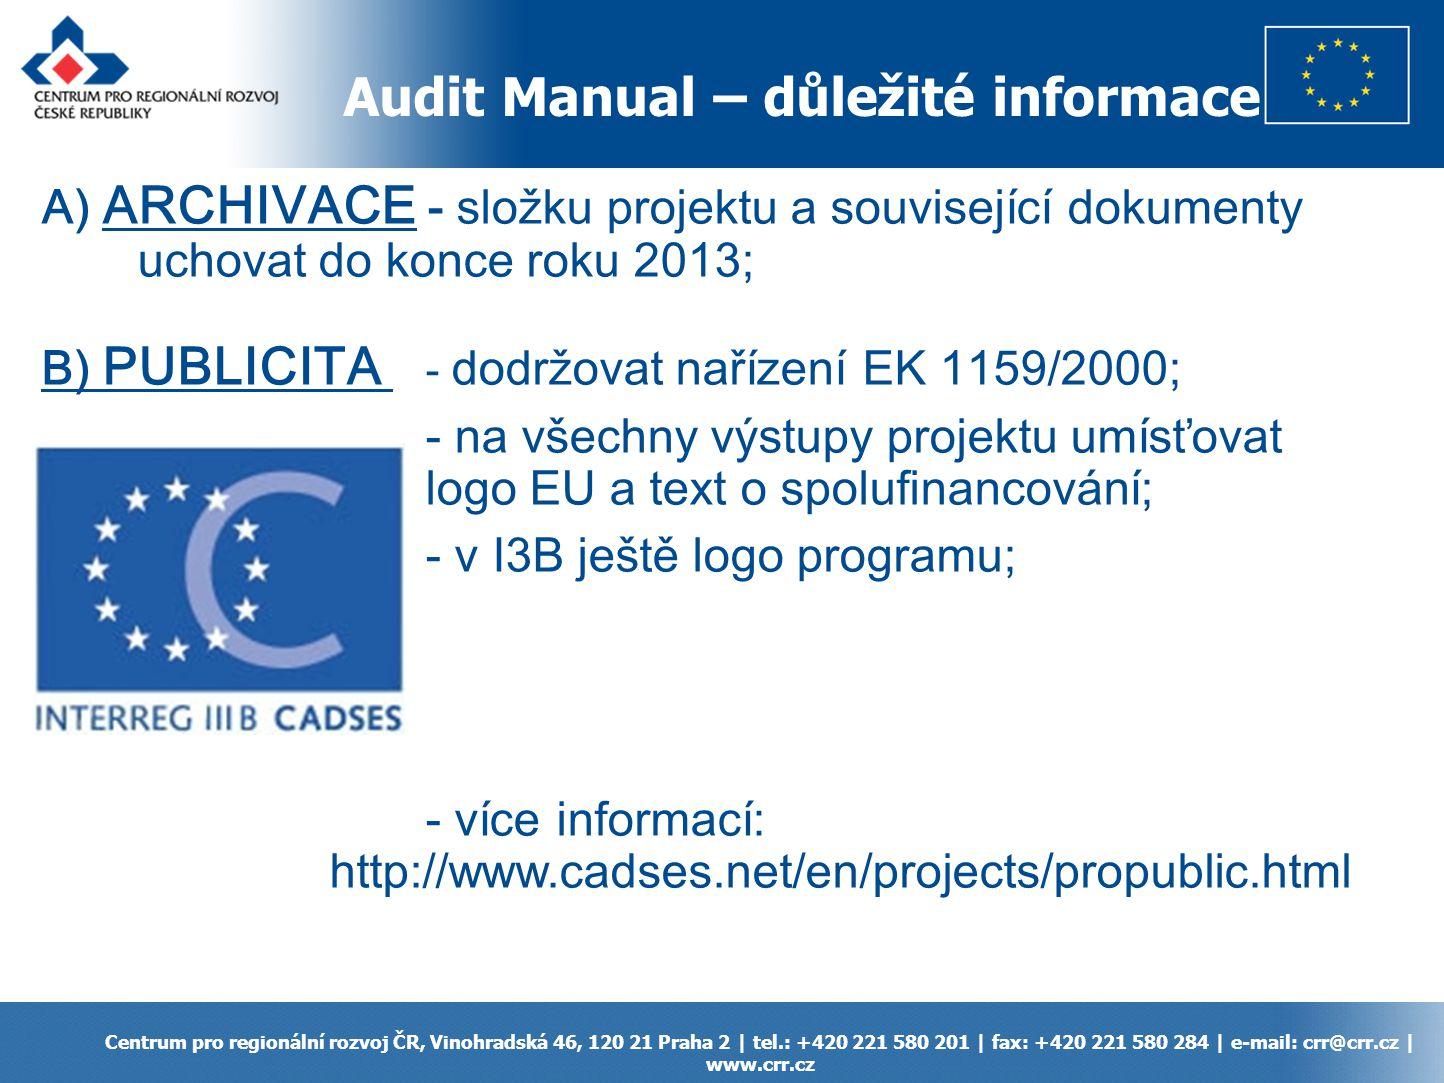 Audit Manual – důležité informace Centrum pro regionální rozvoj ČR, Vinohradská 46, 120 21 Praha 2 | tel.: +420 221 580 201 | fax: +420 221 580 284 | e-mail: crr@crr.cz | www.crr.cz A) ARCHIVACE - složku projektu a související dokumenty uchovat do konce roku 2013; B) PUBLICITA - dodržovat nařízení EK 1159/2000; - na všechny výstupy projektu umísťovat logo EU a text o spolufinancování; - v I3B ještě logo programu; - více informací: http://www.cadses.net/en/projects/propublic.html